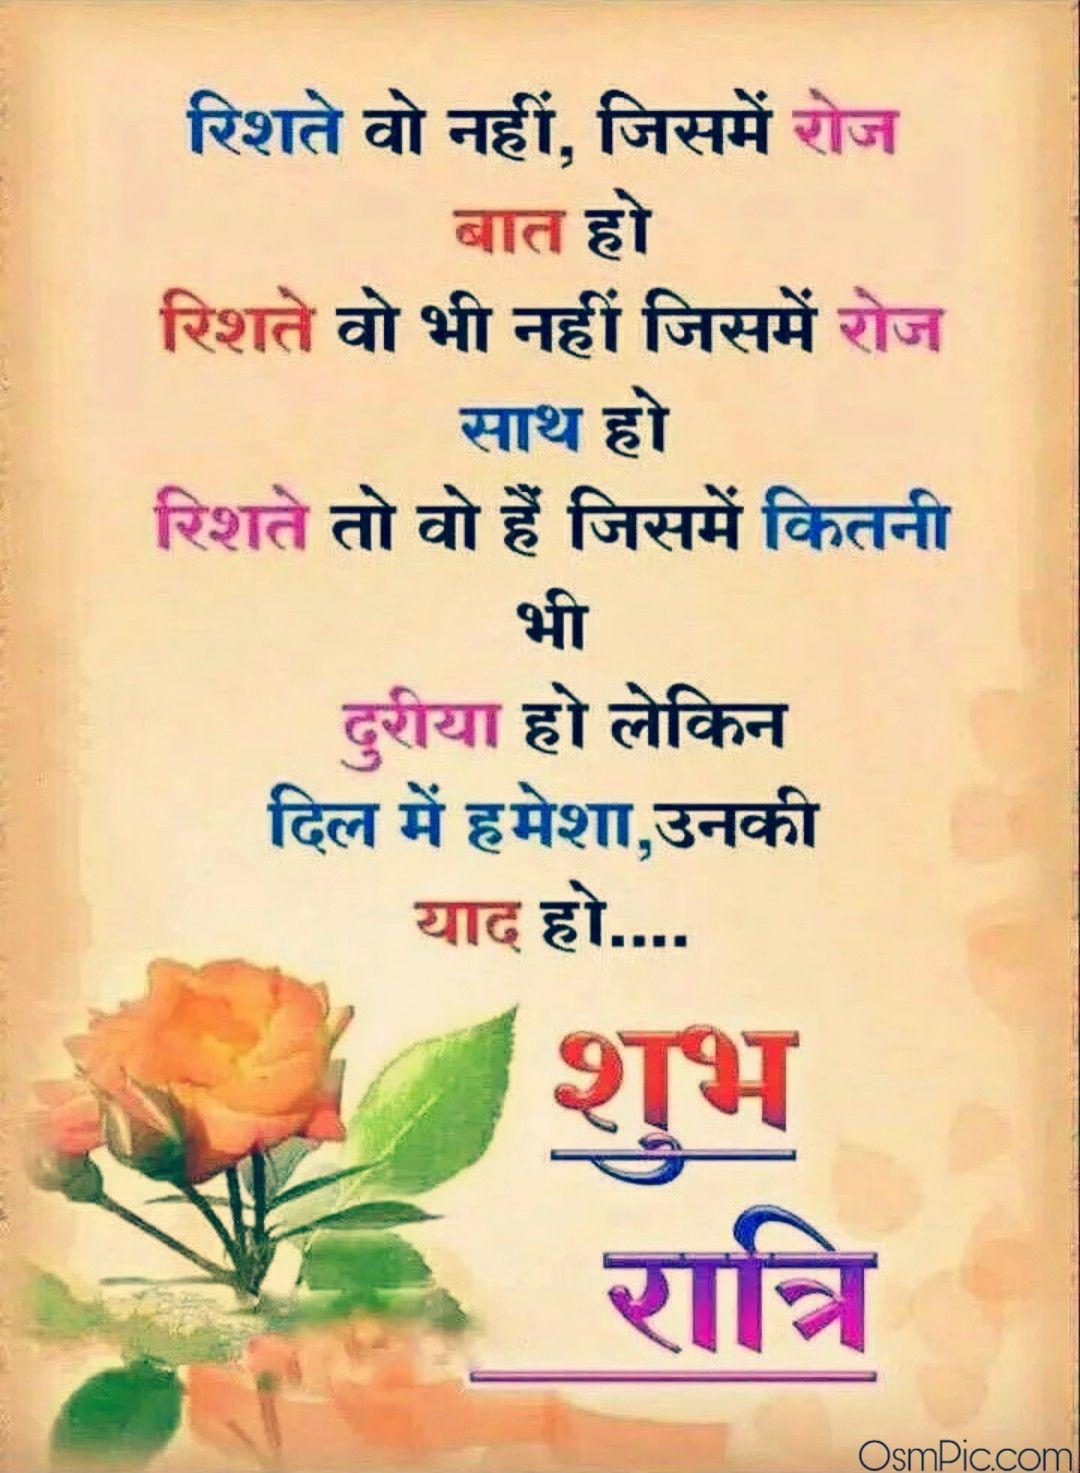 New Good Night Hindi Images Status Shayari Download For